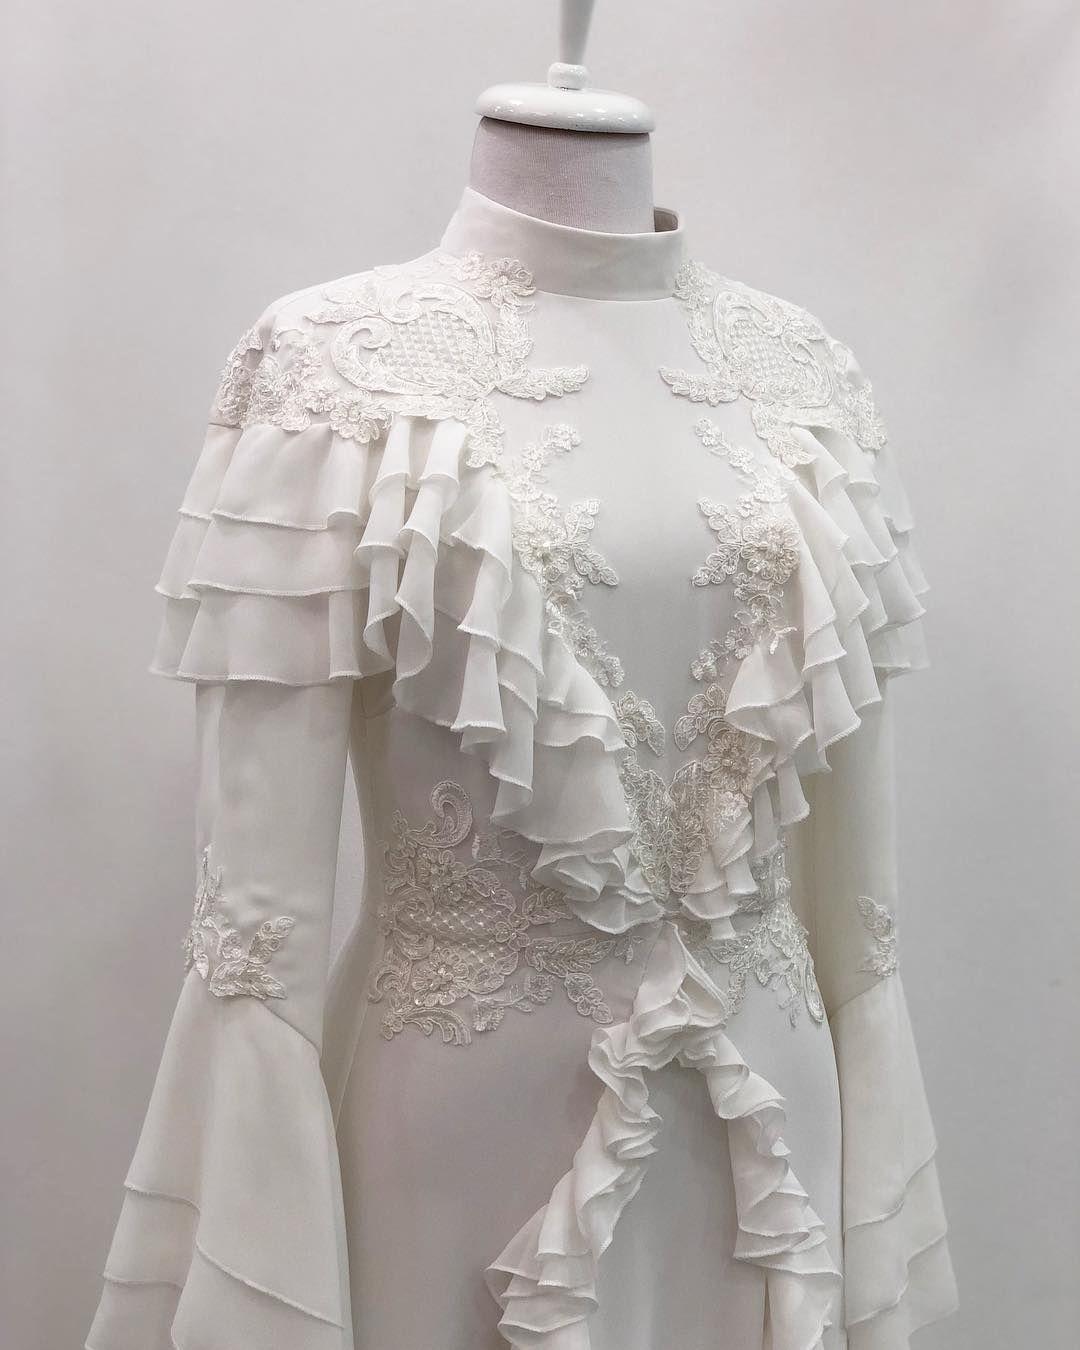 Tum Magaza Firfir Tesettur Elbise Modelleri 2020 Sifon Gelinlikler Elbise Dugun Vintage Elbise